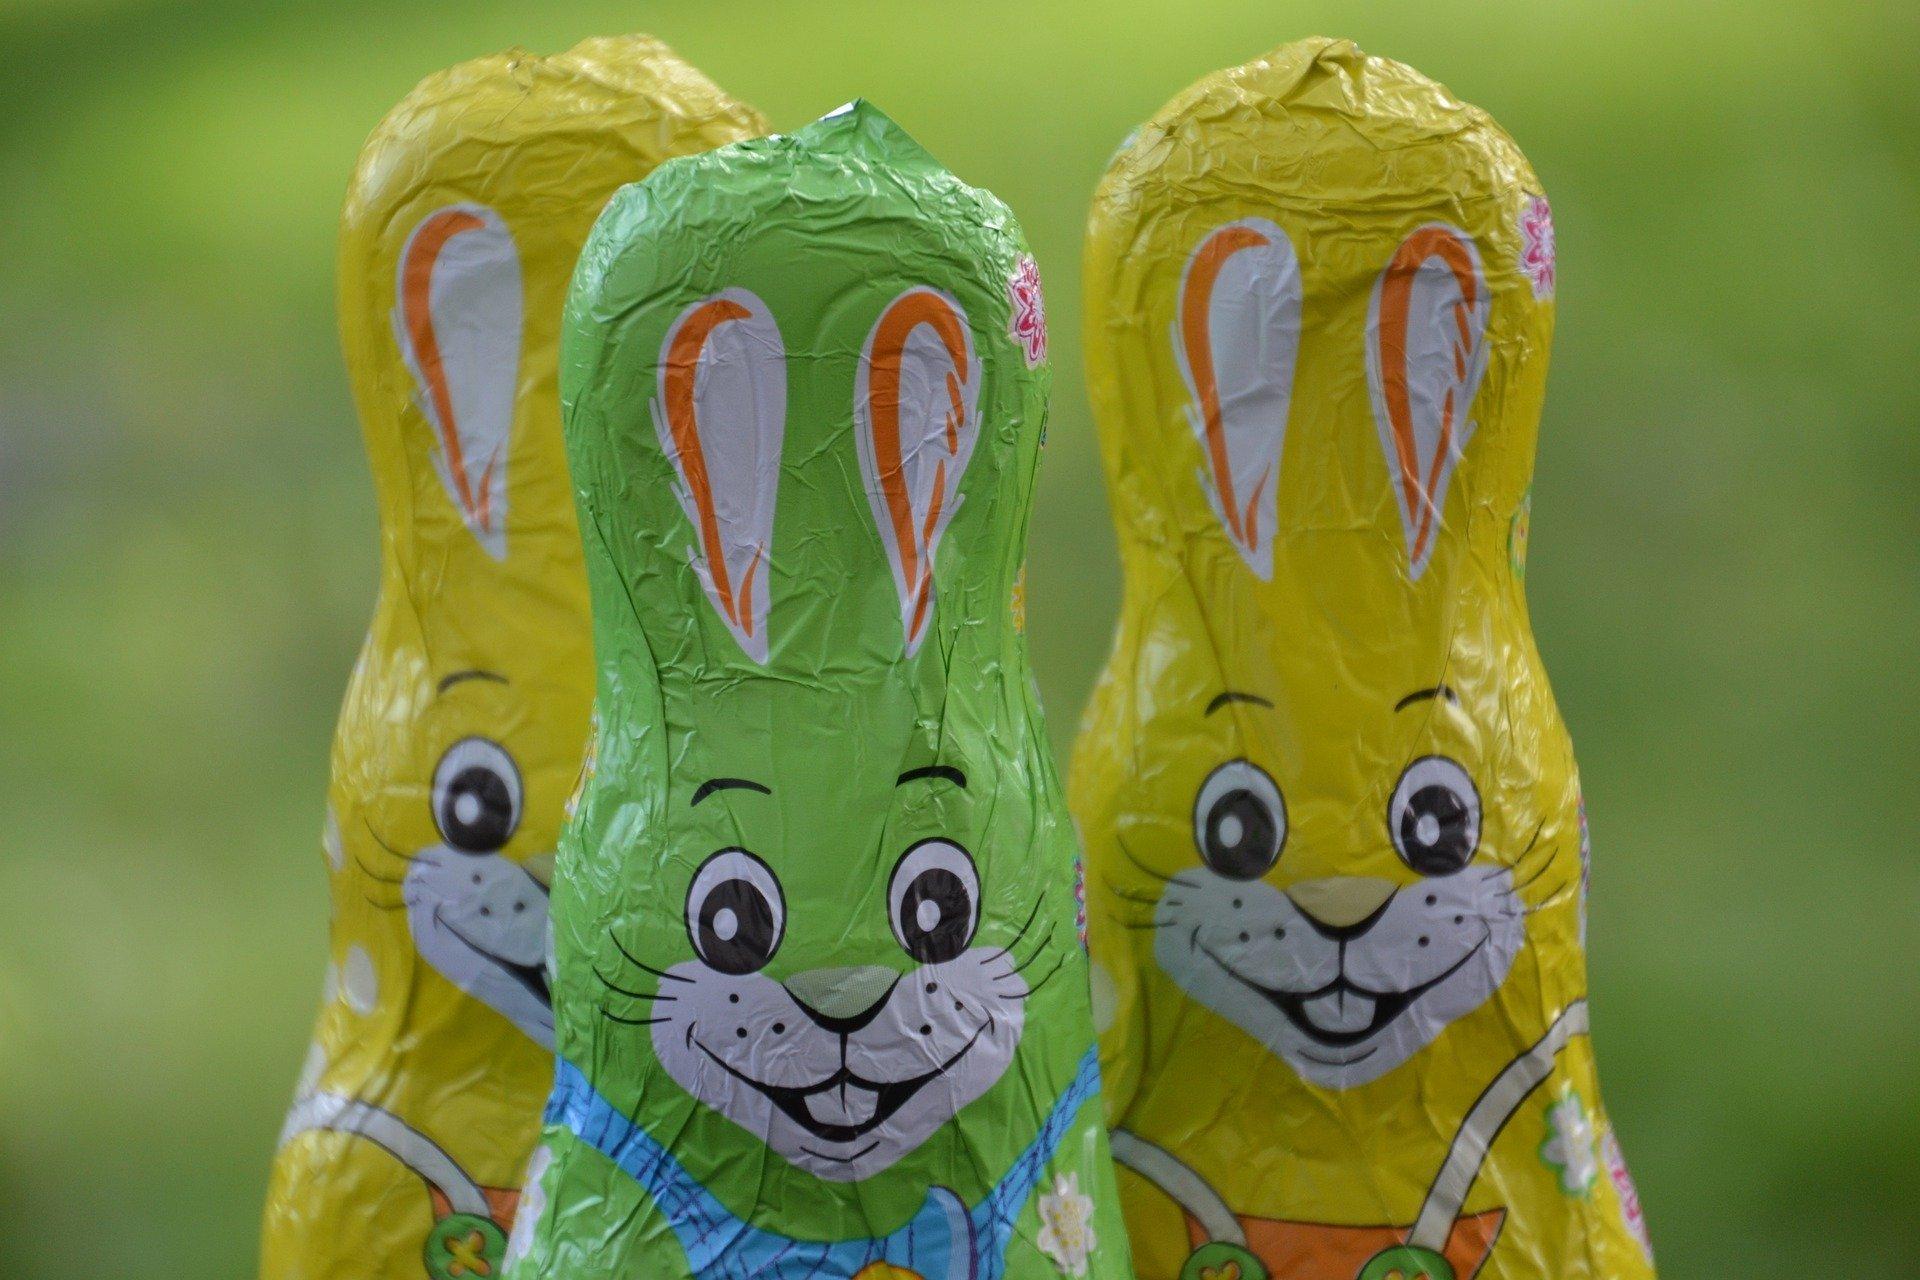 Wielkanocne zagadki o królikach, zgadywanki z odpowiedziami